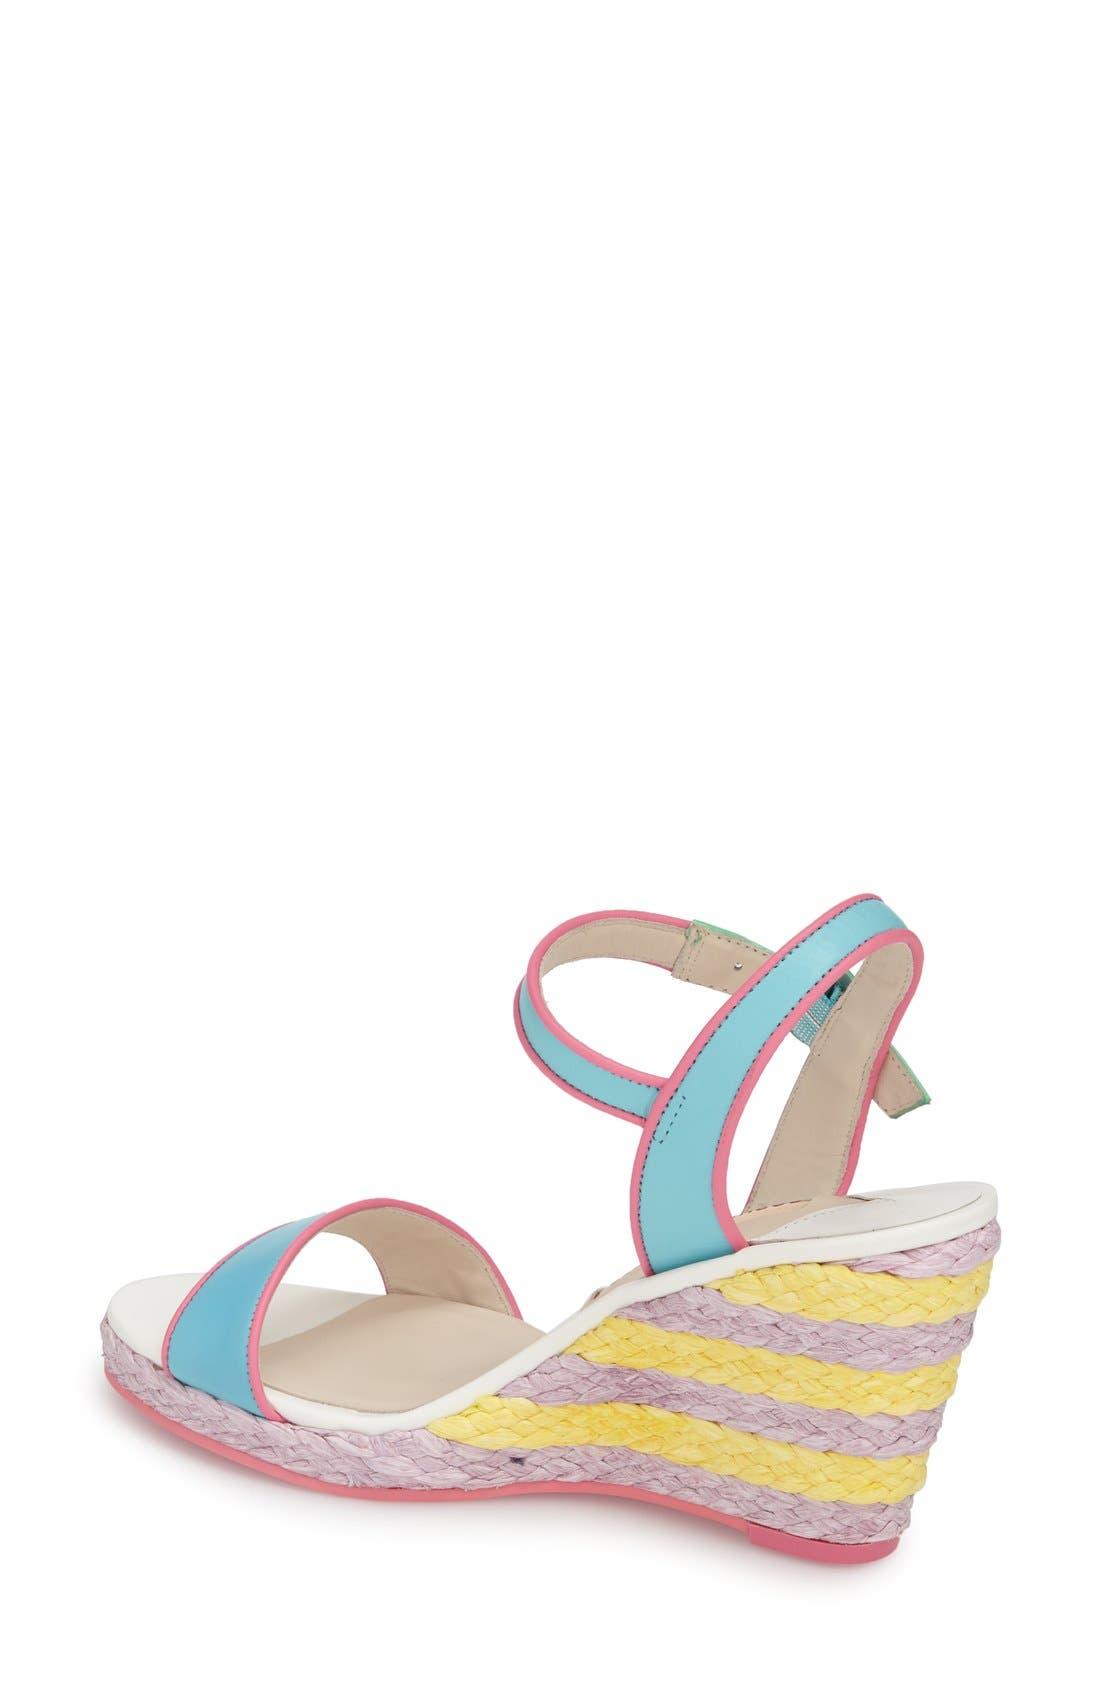 Alternate Image 2  - Sophia Webster 'Lucita' Wedge Sandal (Women)